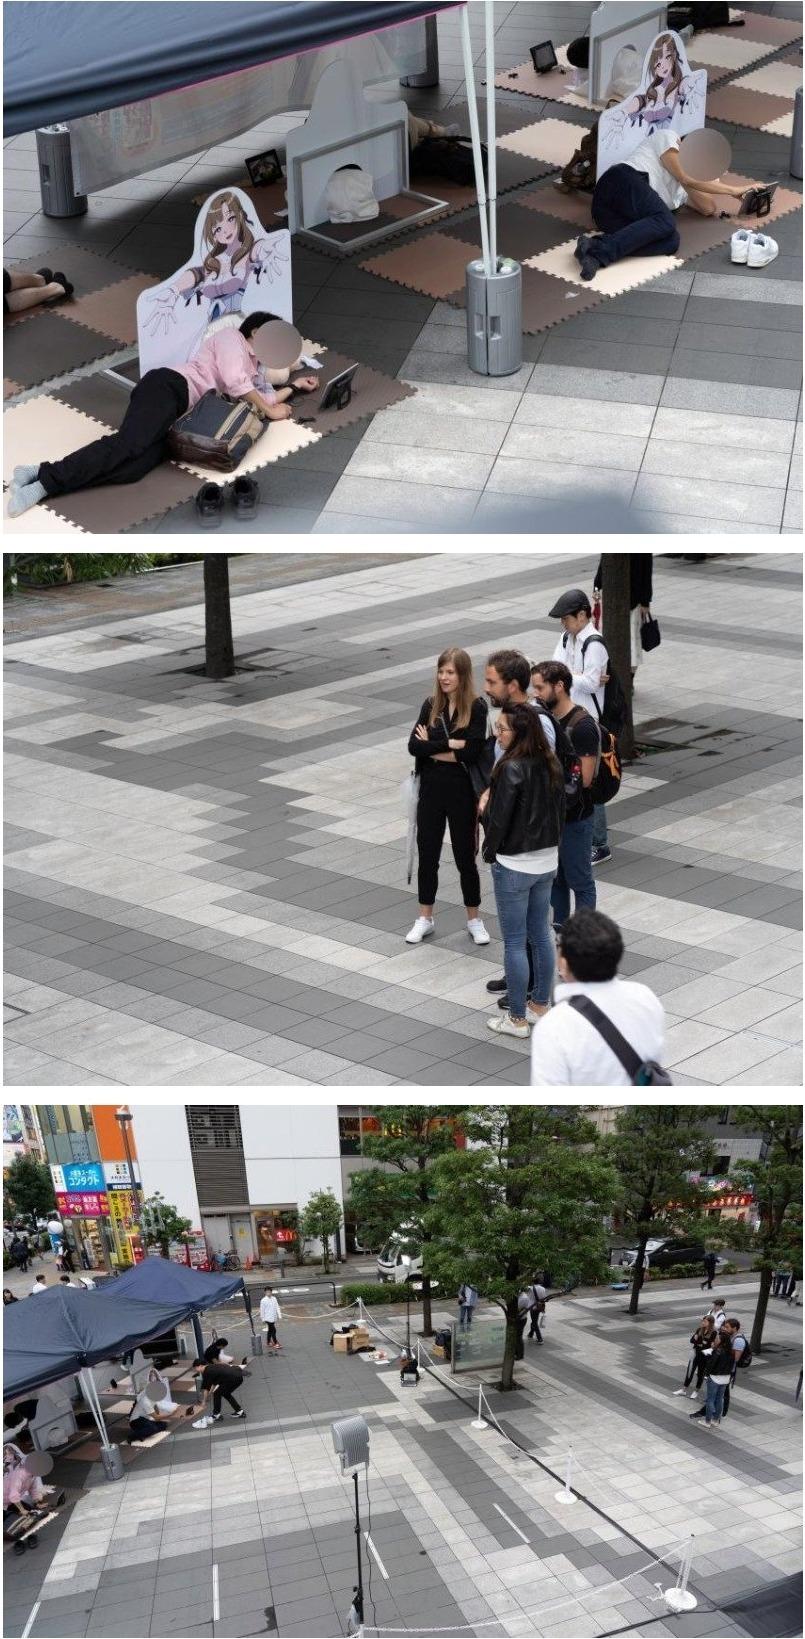 [유머] 도쿄 풍경에 놀란 외국인들 -  와이드섬